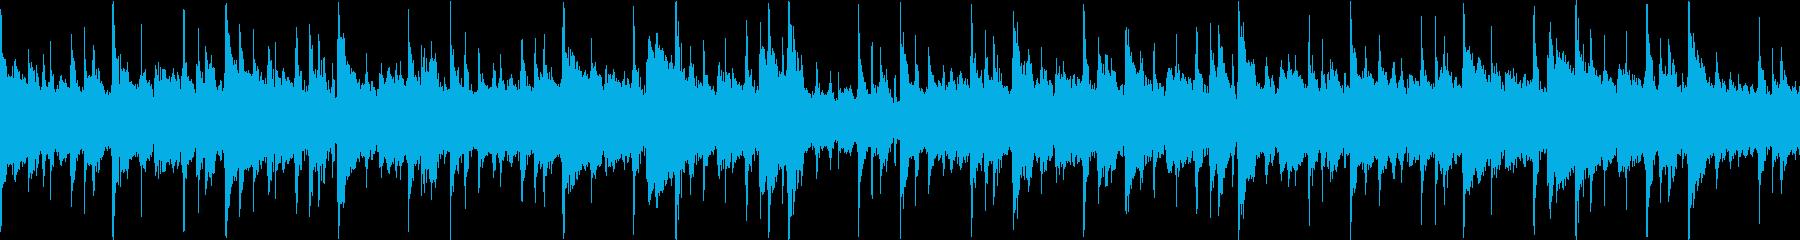 グロッケンシュピール、ピアノ、スト...の再生済みの波形